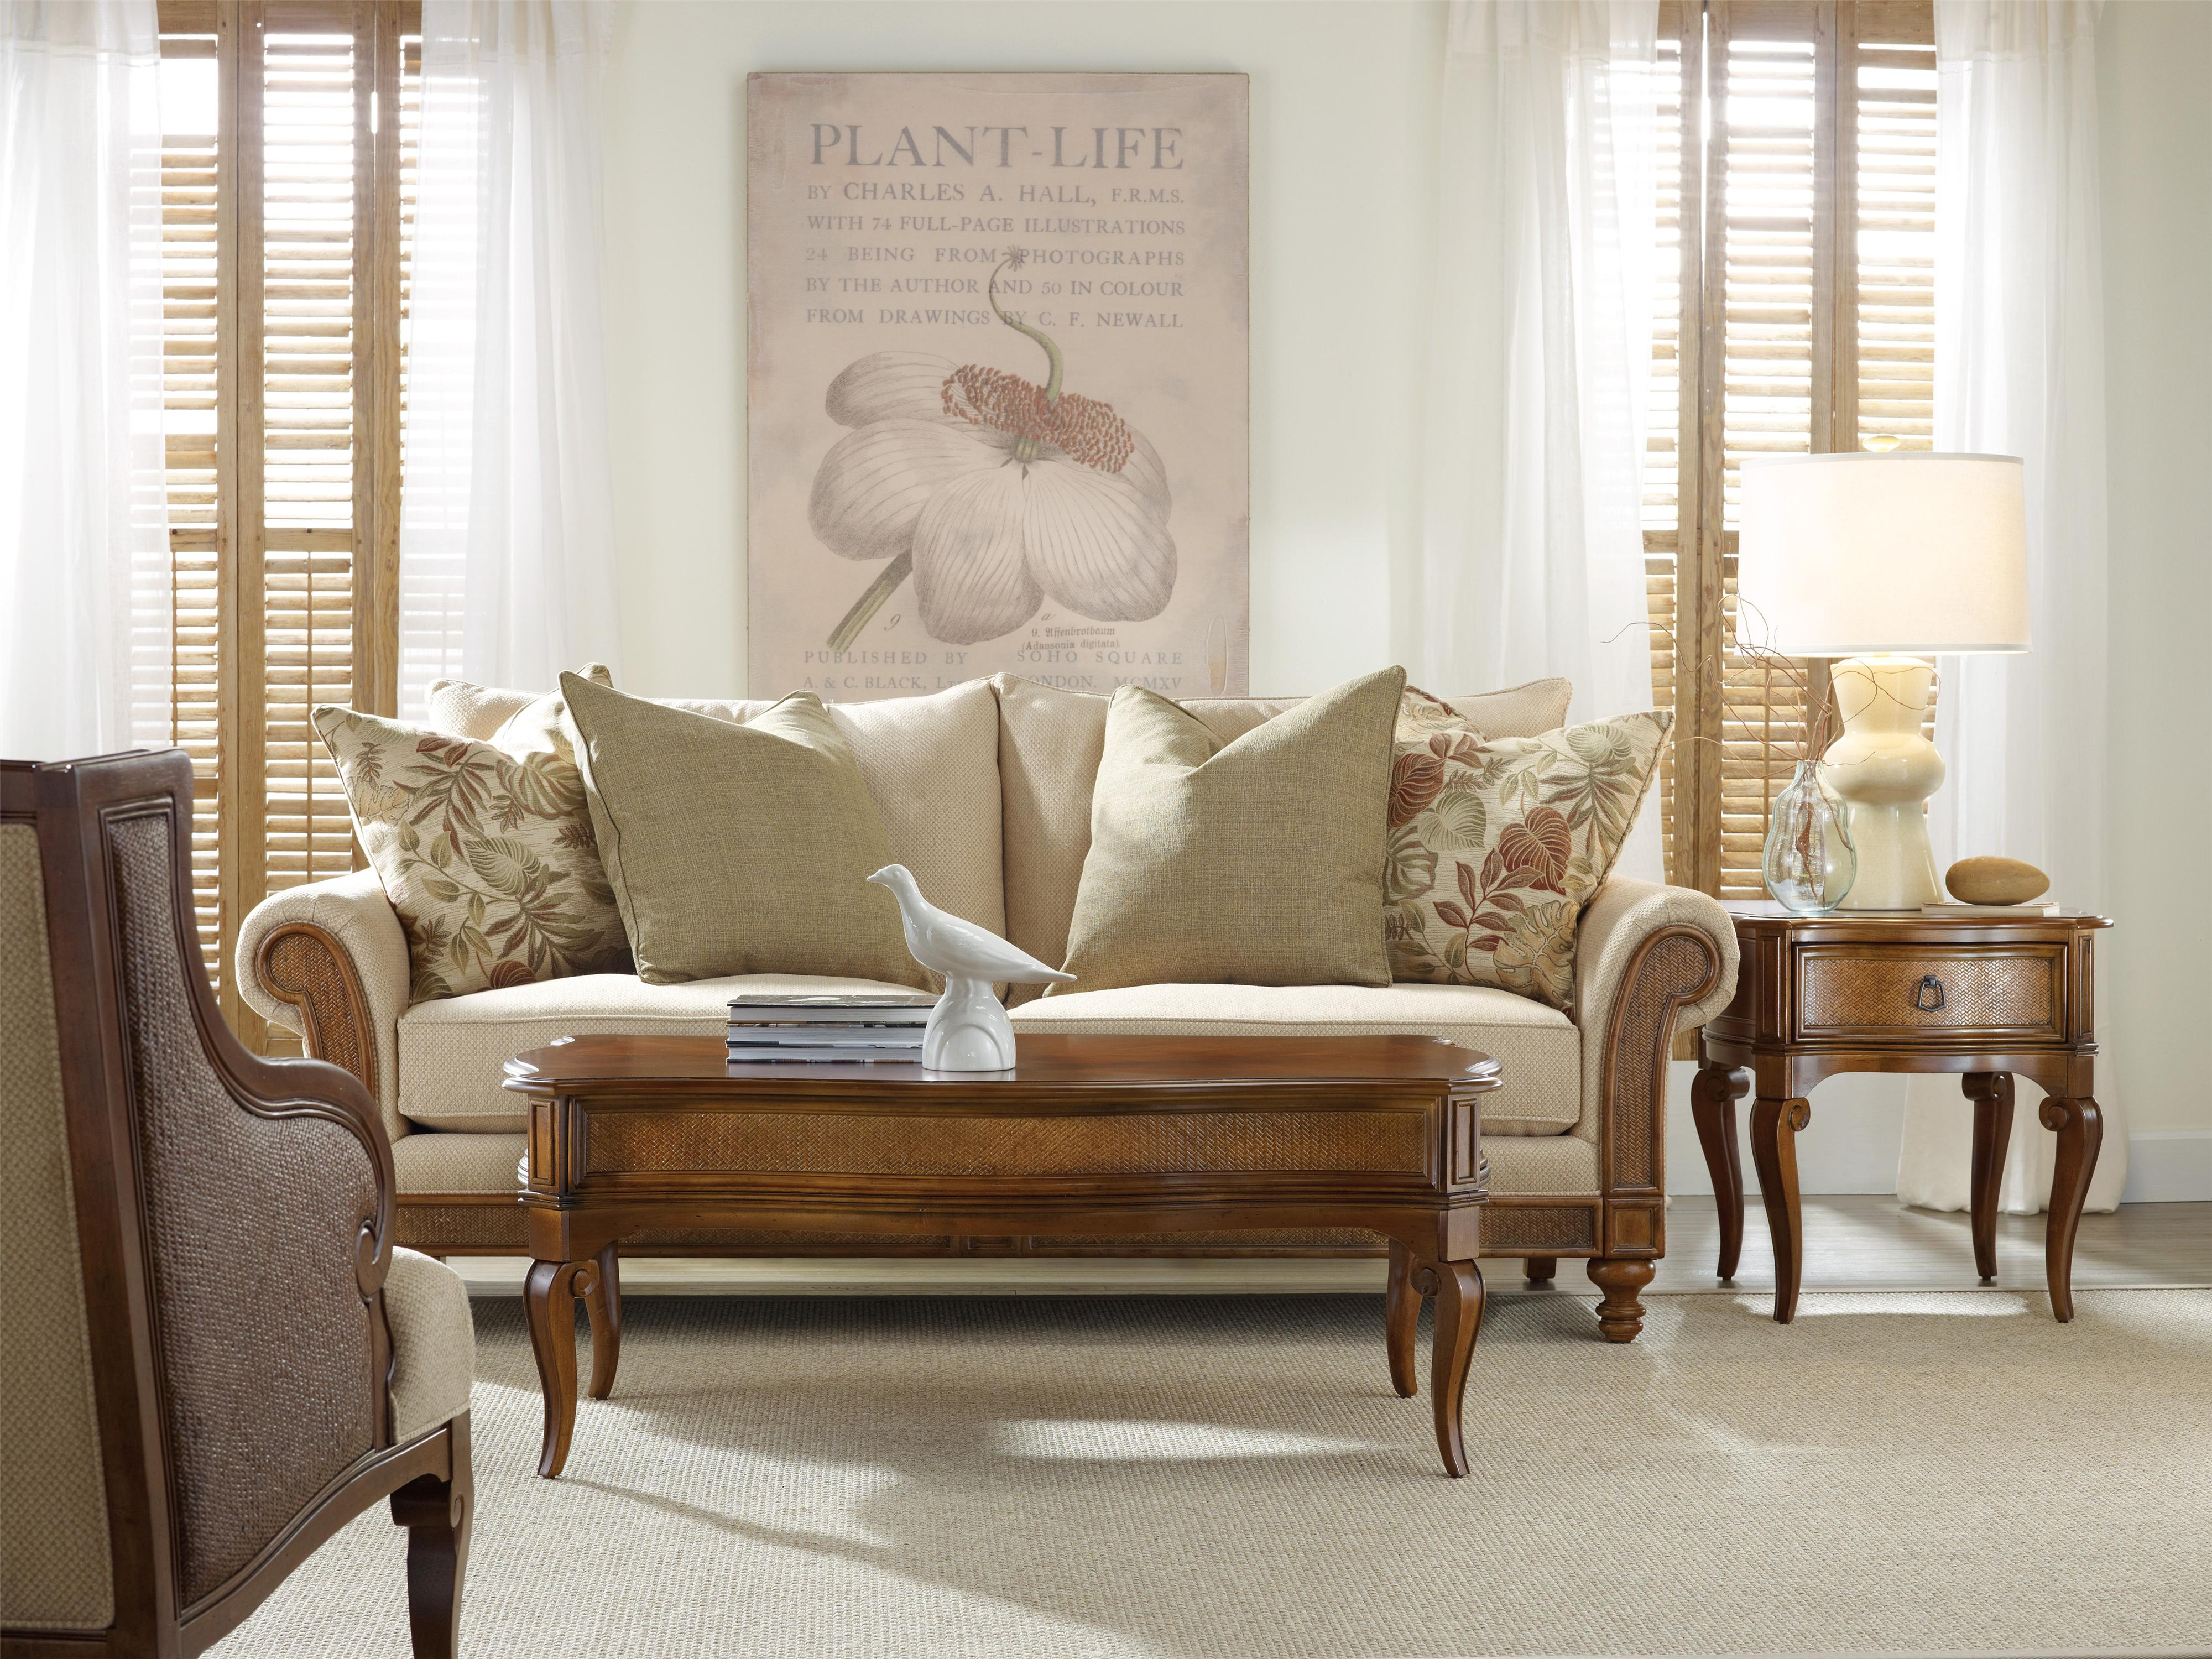 Hooker Furniture Windward Stationary Living Room Group - Item Number: 1125 Living Room Group 1